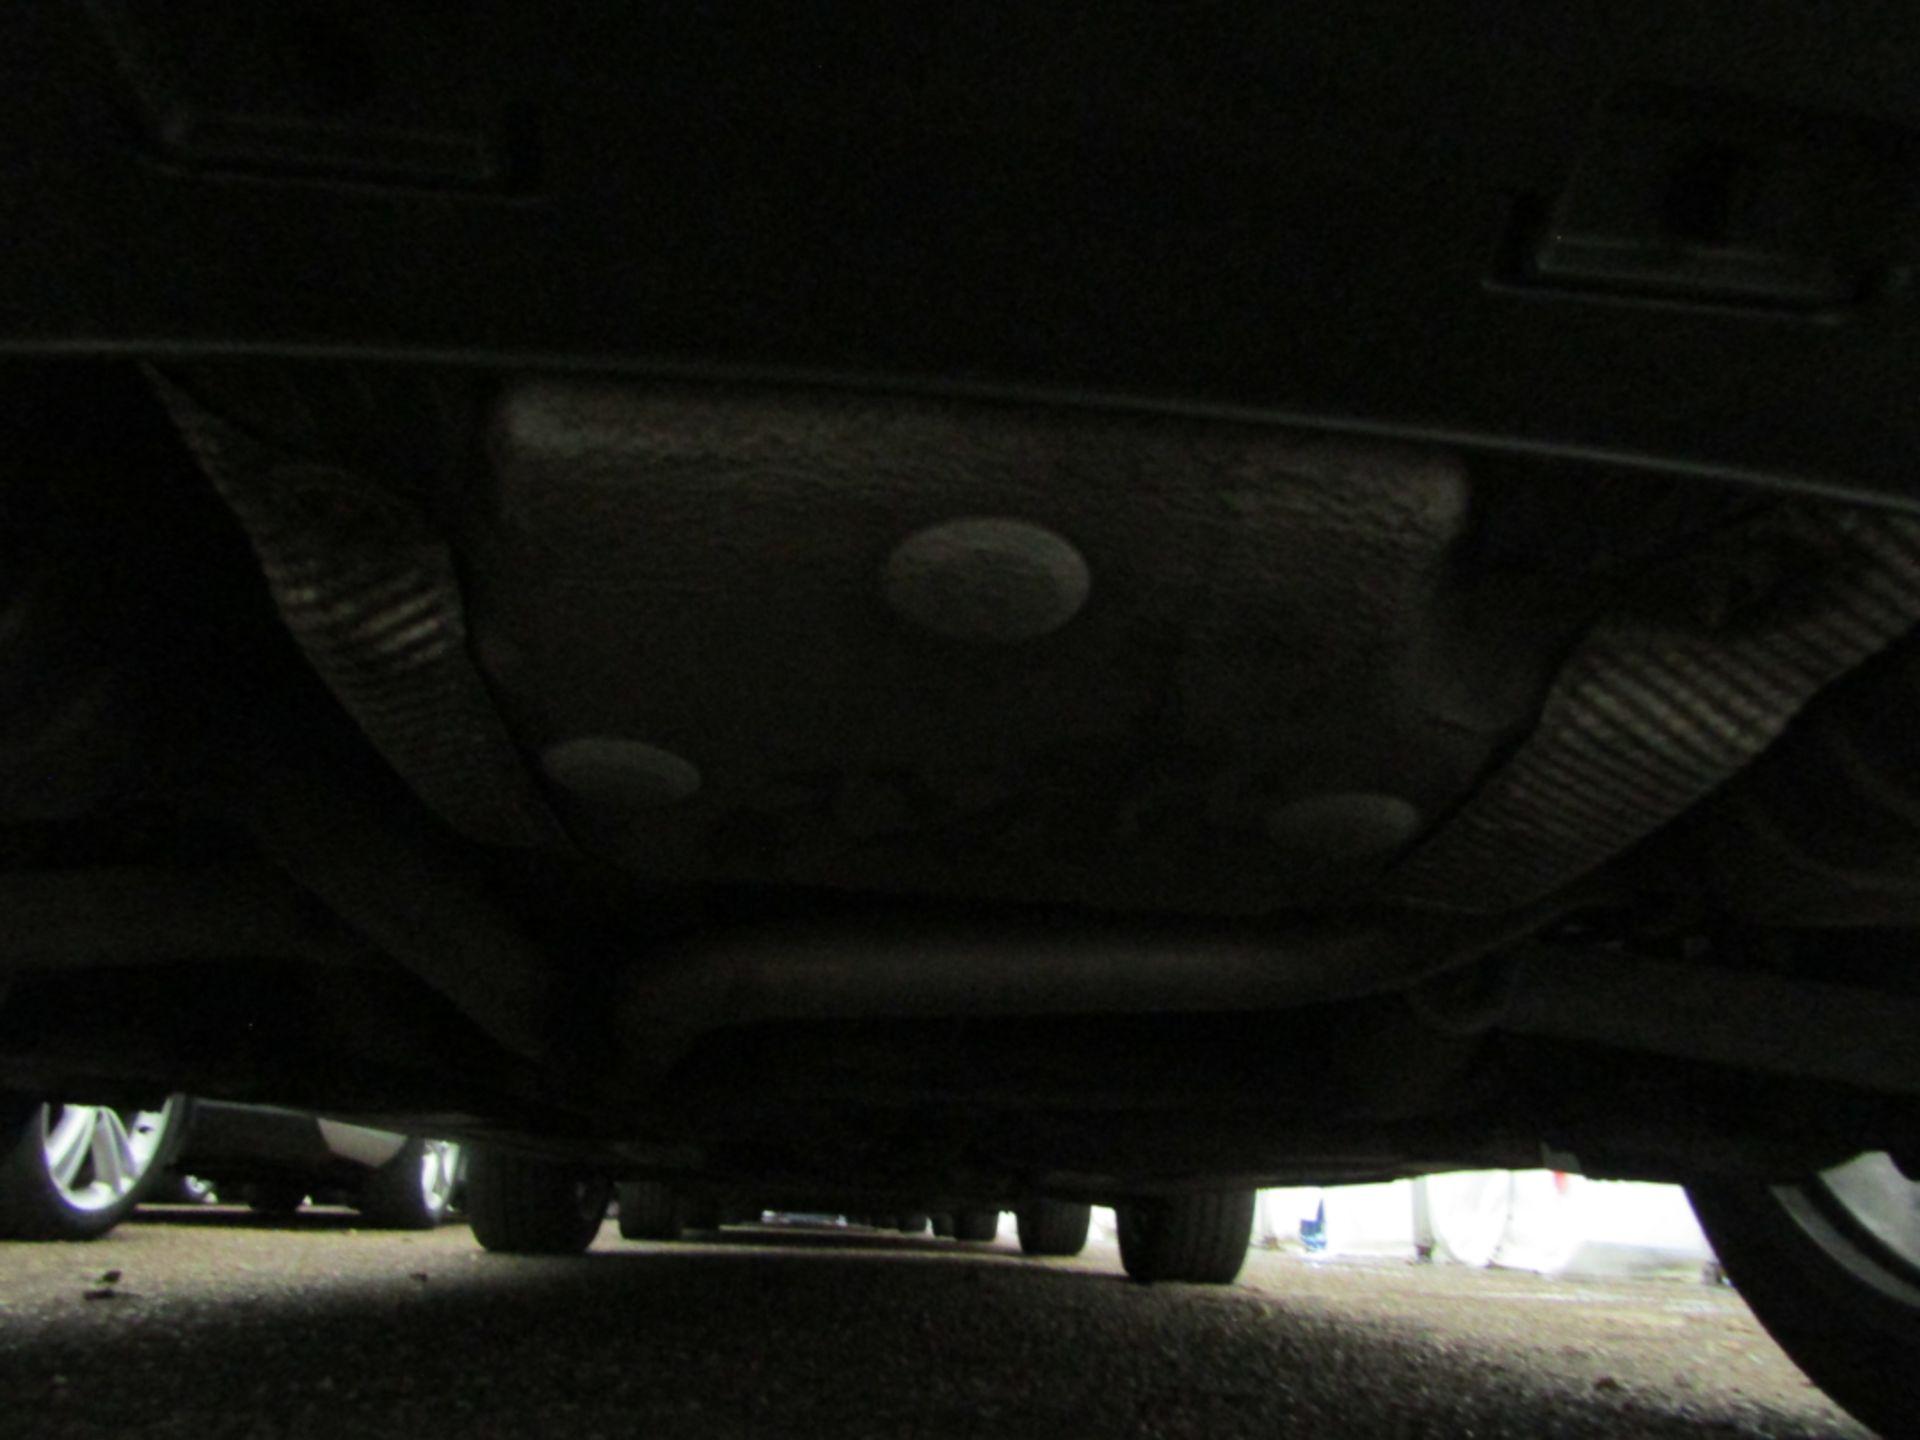 09 09 Audi Q5 S Line TFSI Quattro - Image 11 of 17